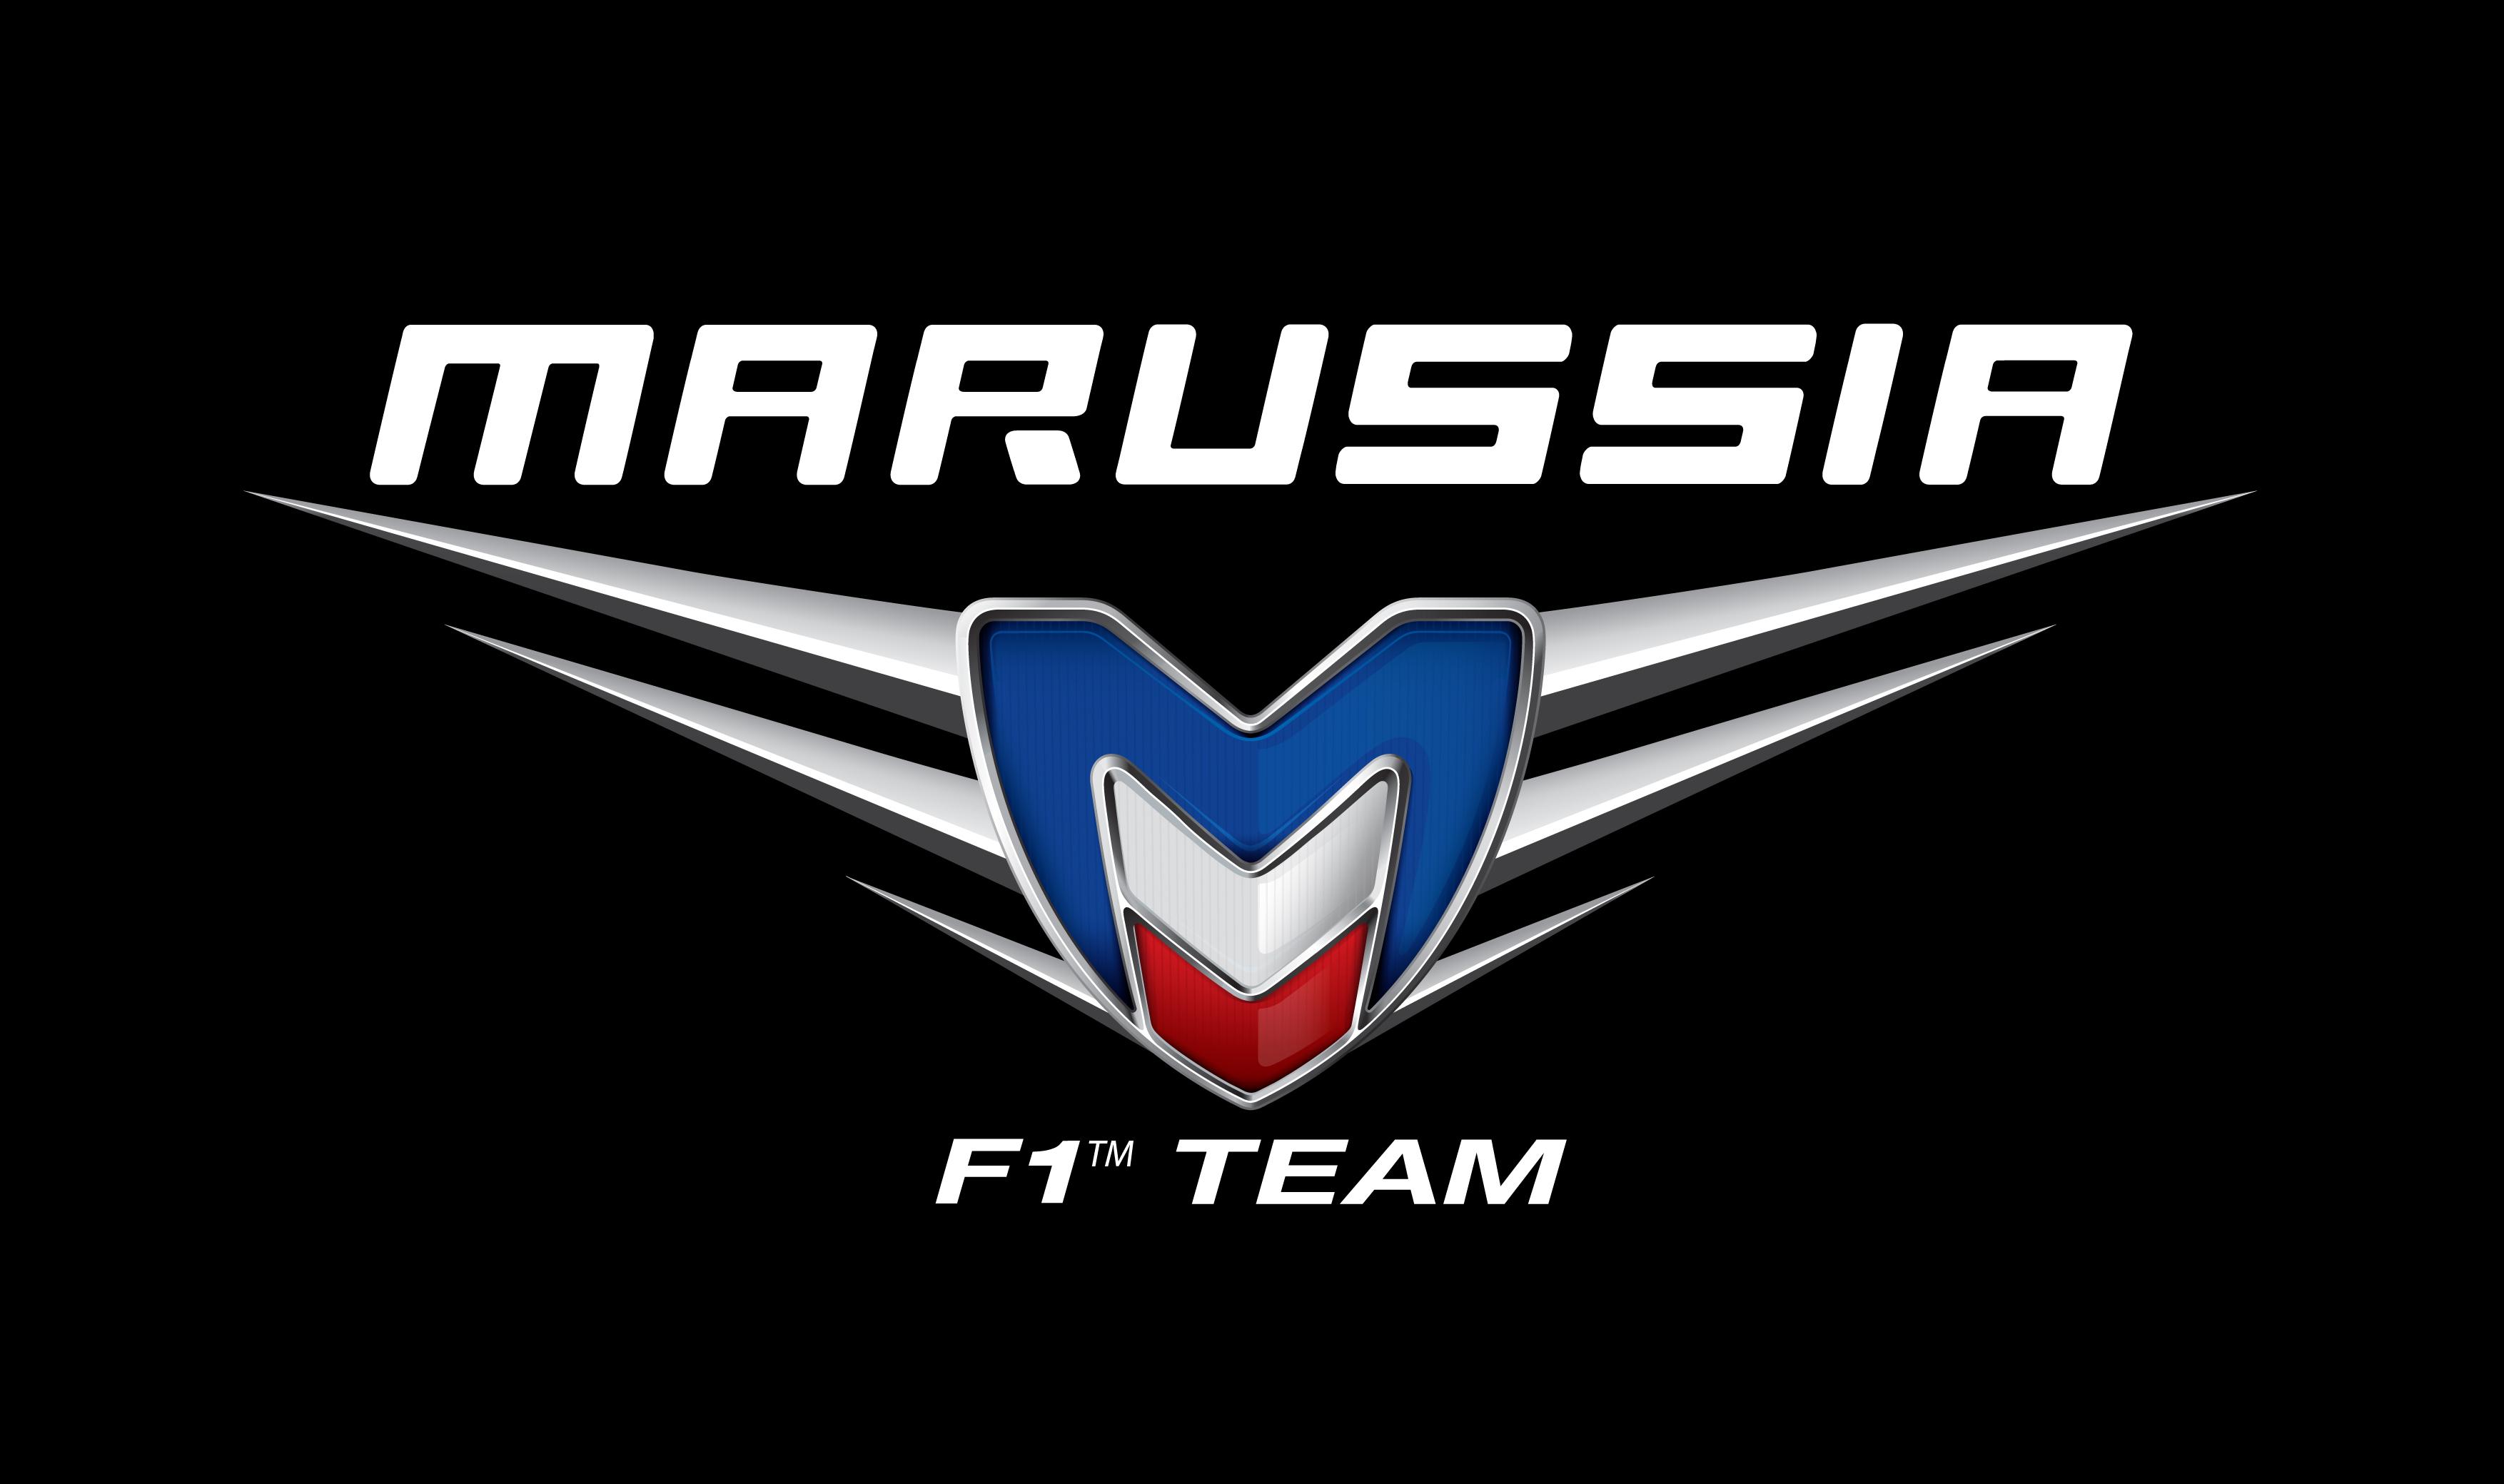 Marussia logo wallpapers HD